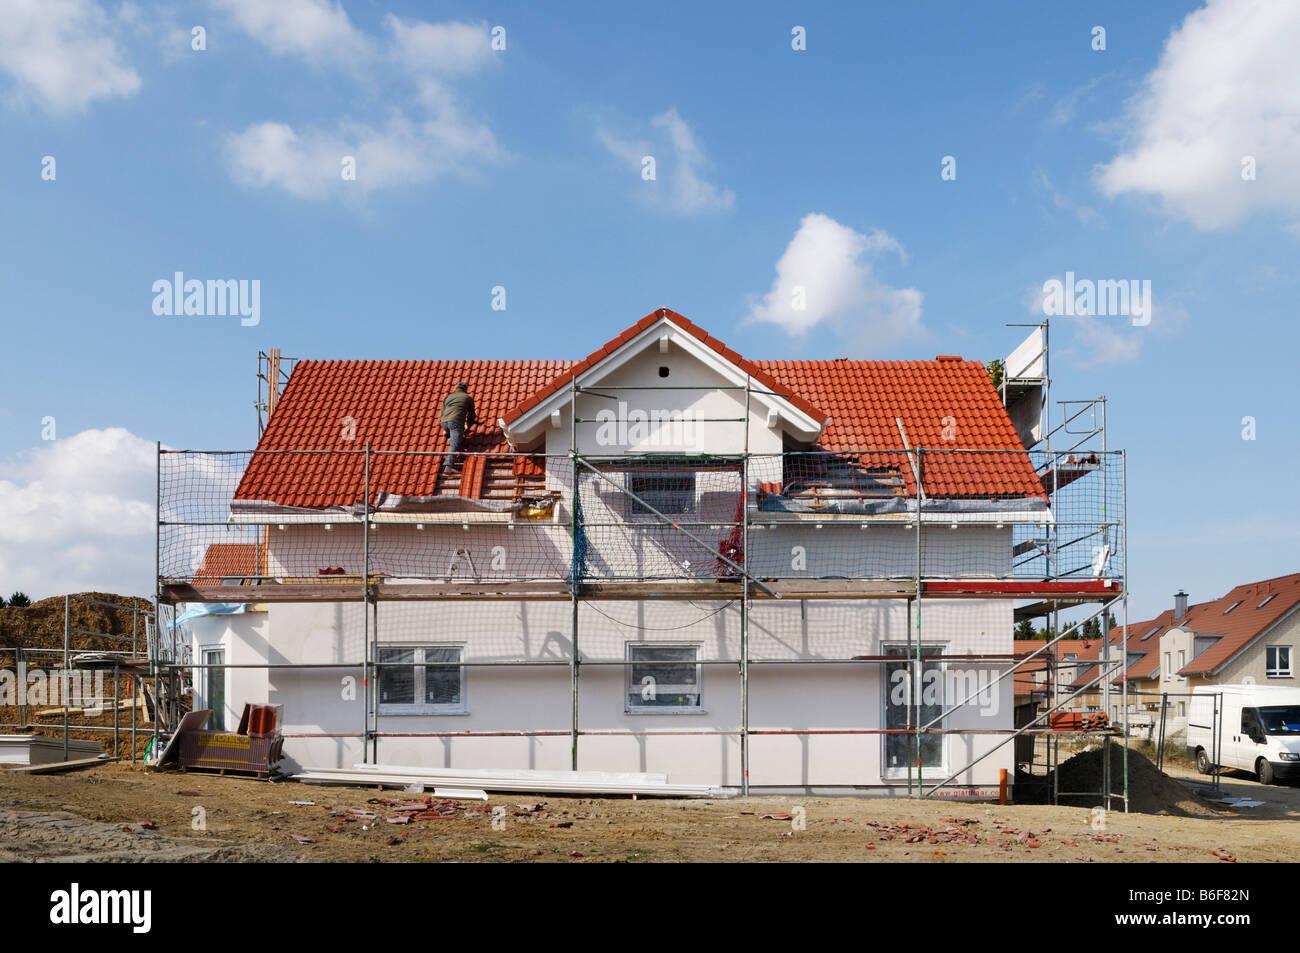 Casa recién construida con andamios, techador poniendo tejas, Mettmann, Renania del Norte-Westfalia, Alemania, Europa Foto de stock